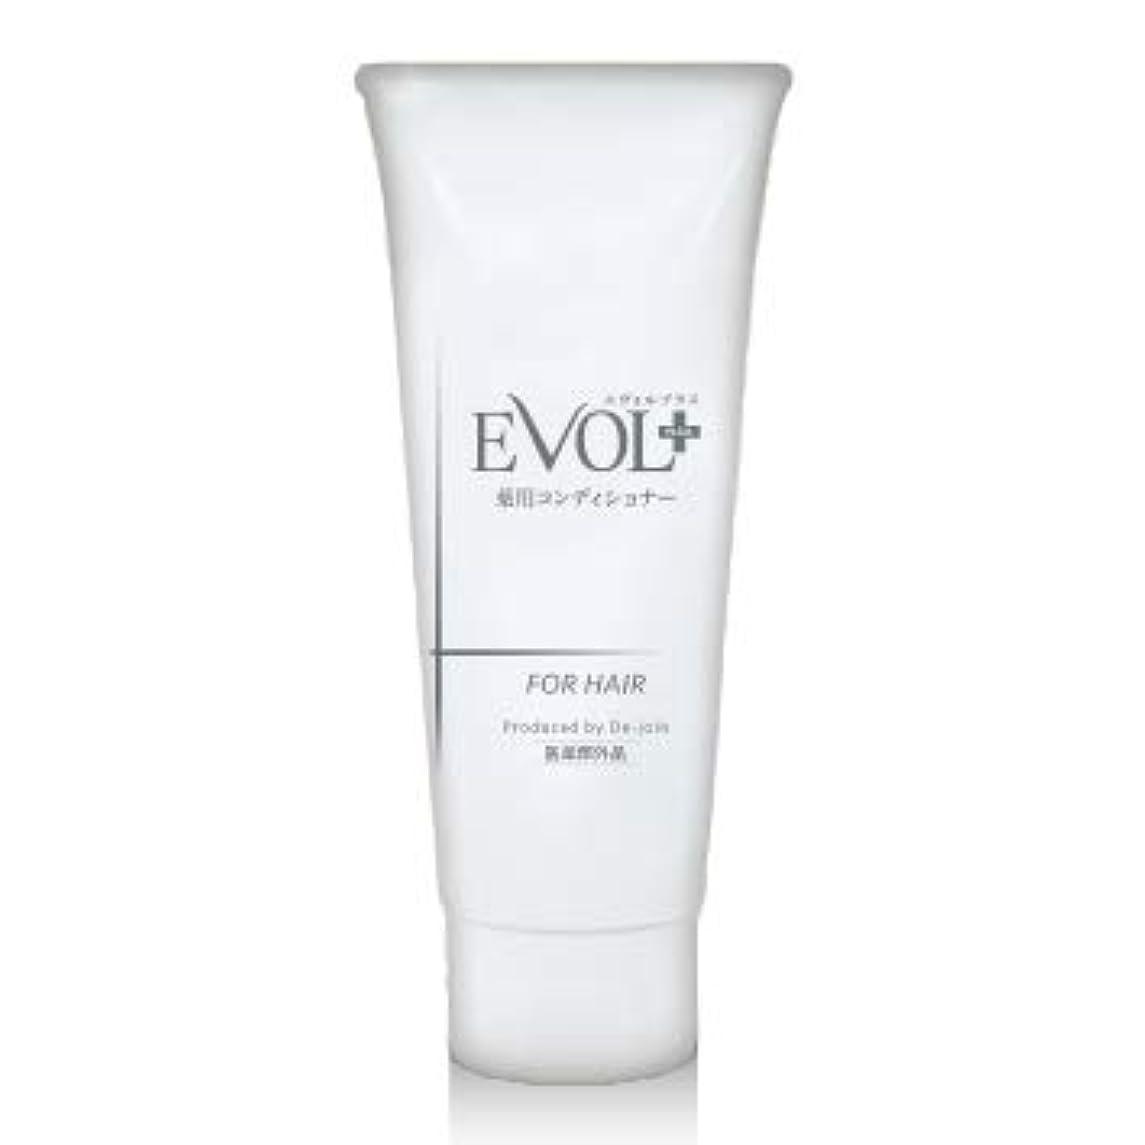 レコーダー仮装談話EVOL+(エヴォルプラス)薬用育毛コンディショナー お得なコース